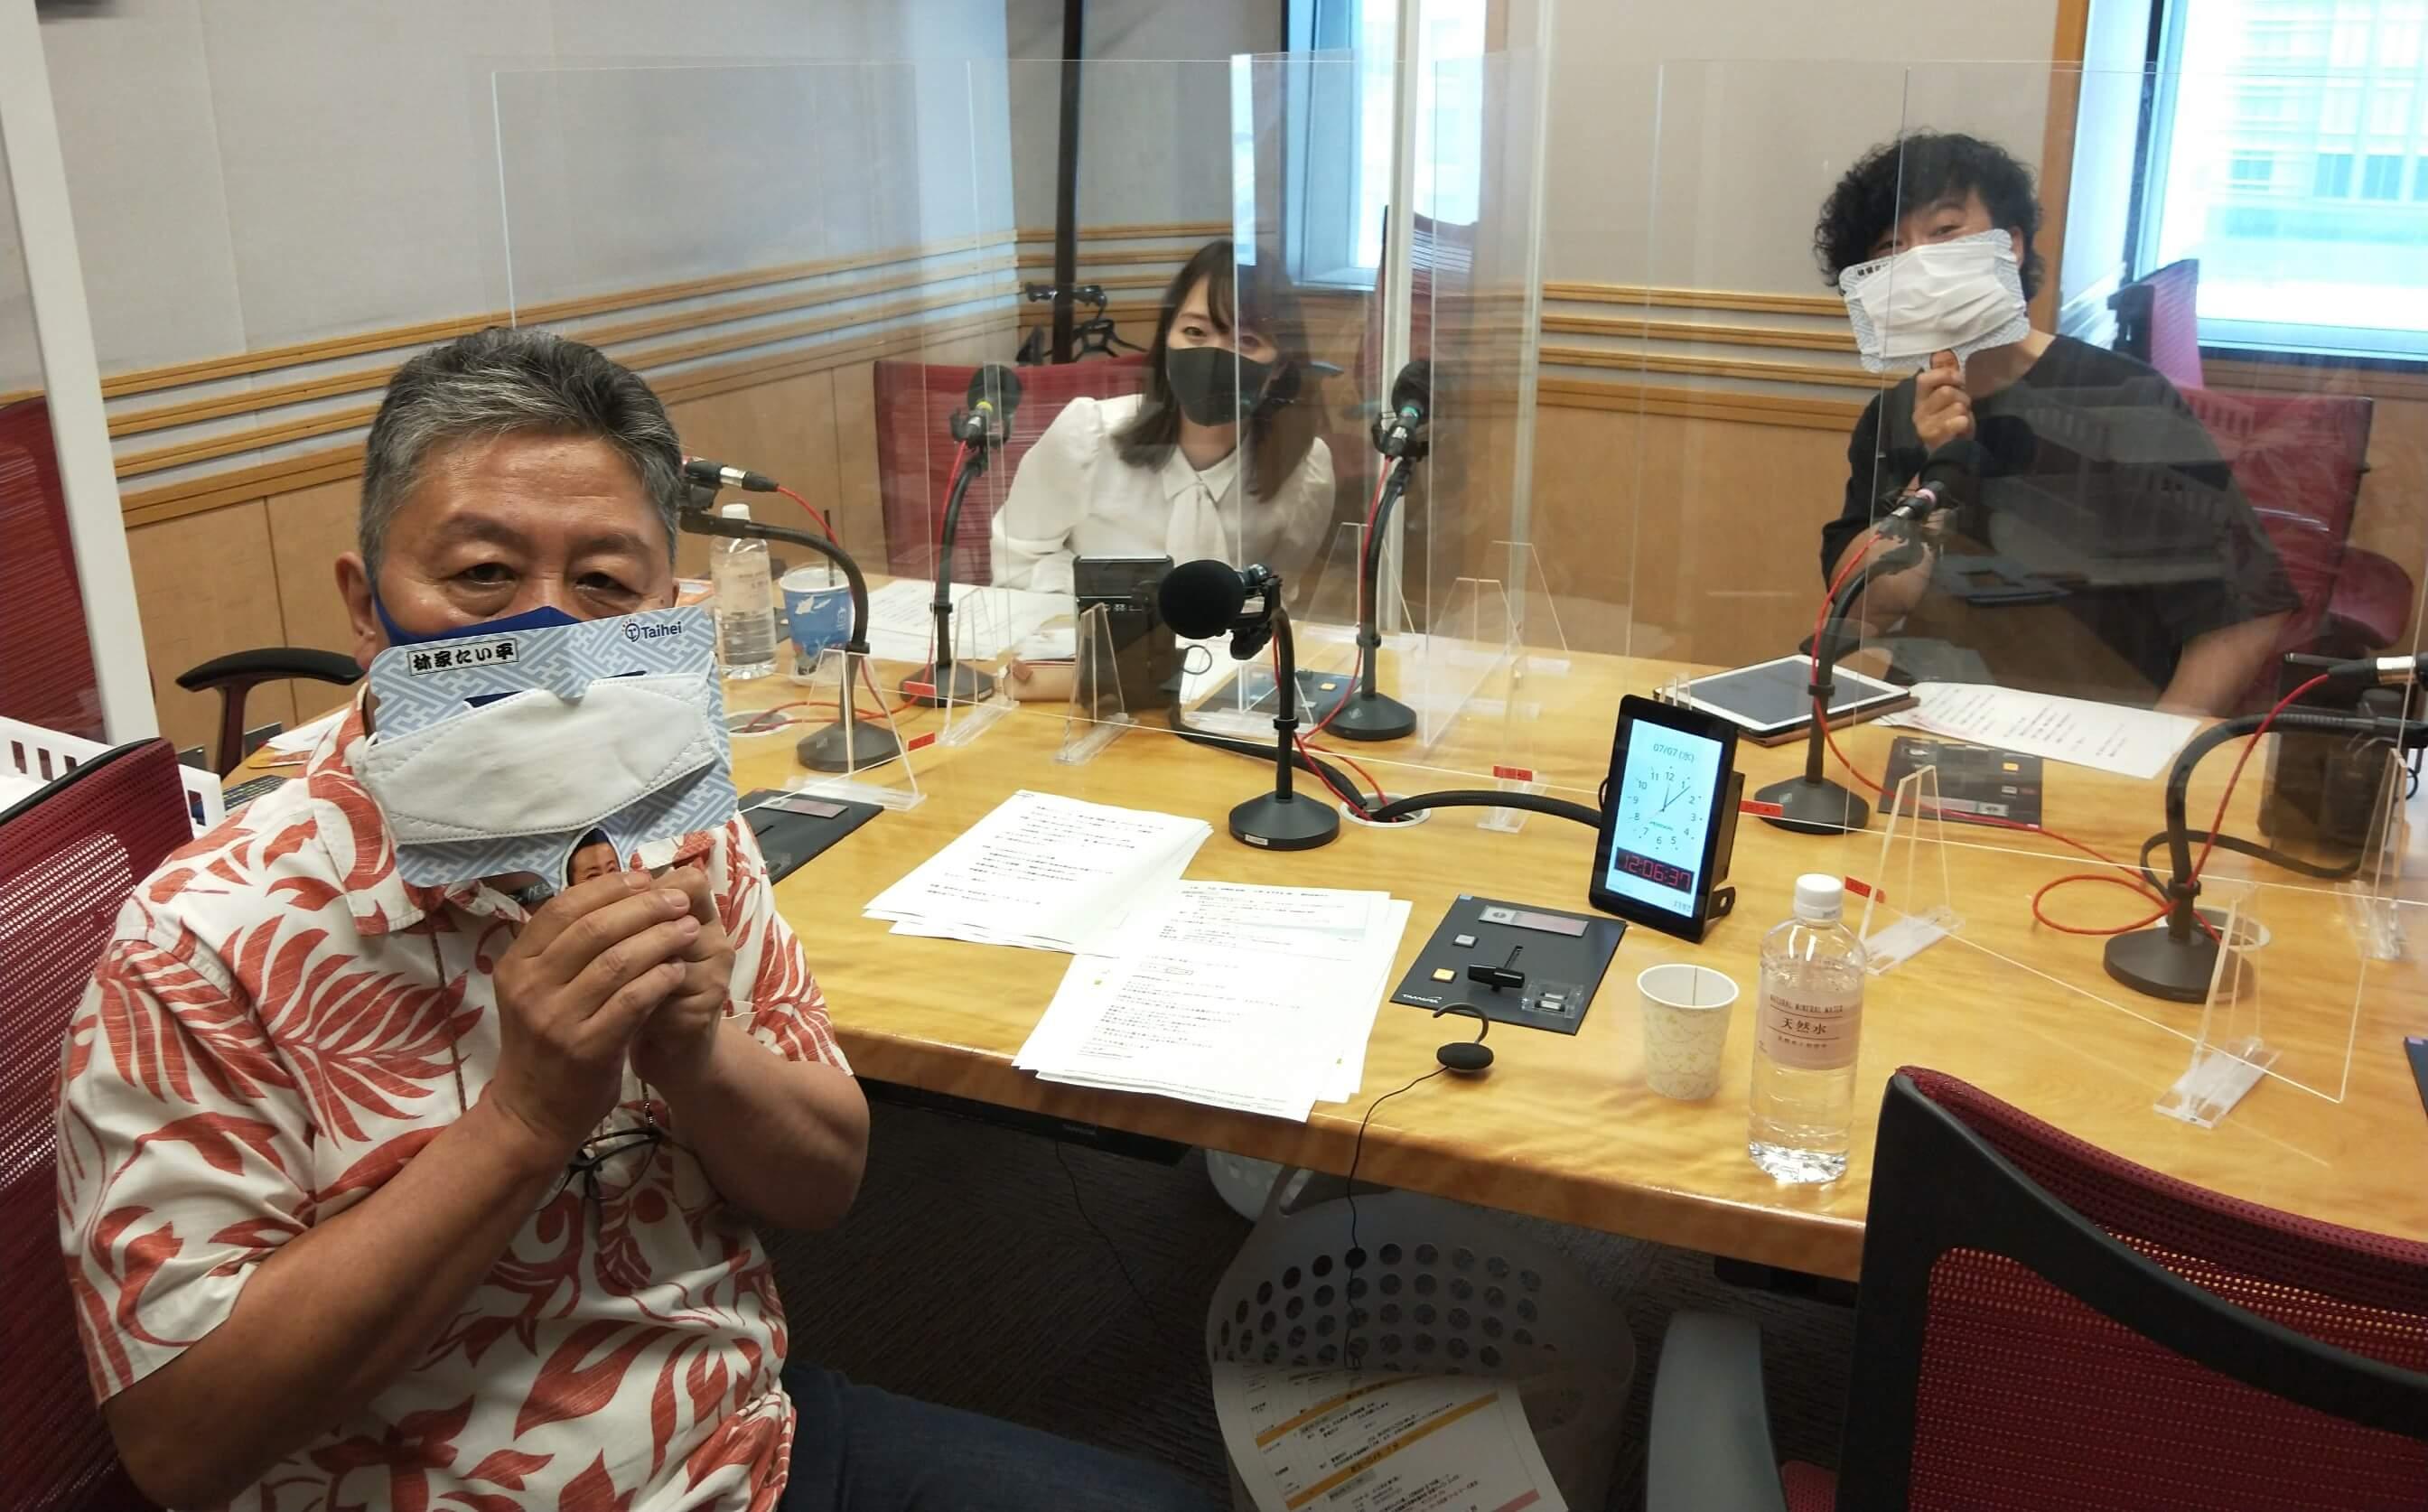 洋楽ジャパンX                7月7日 よんでコール・ミー リリース記念   『コール・ミー』大集合